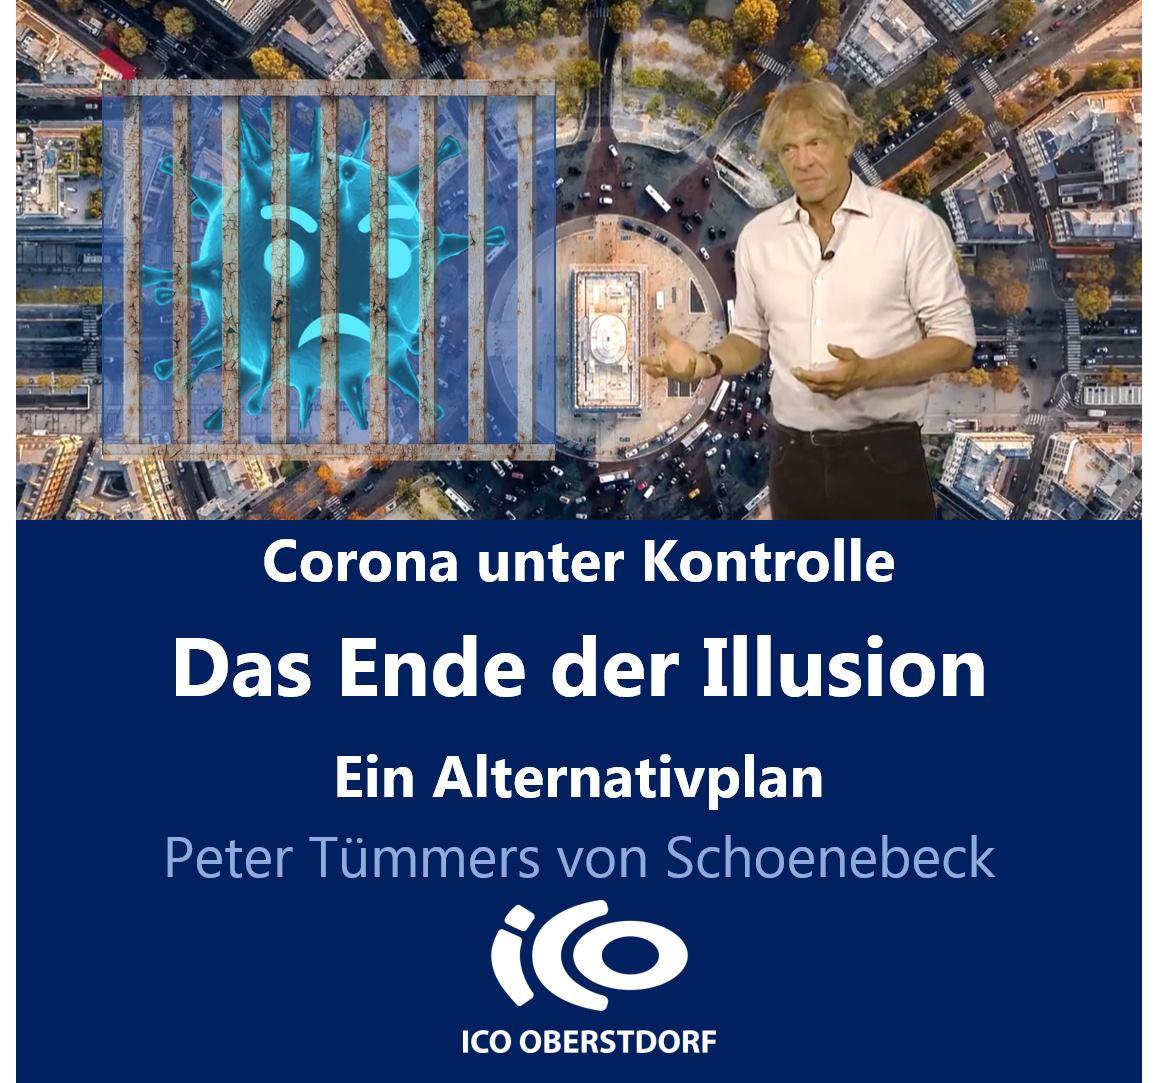 Peter Tümmers analysiert bisherige Corona-Strategie aus soziologischer Sicht und stellt Alternativplan vor